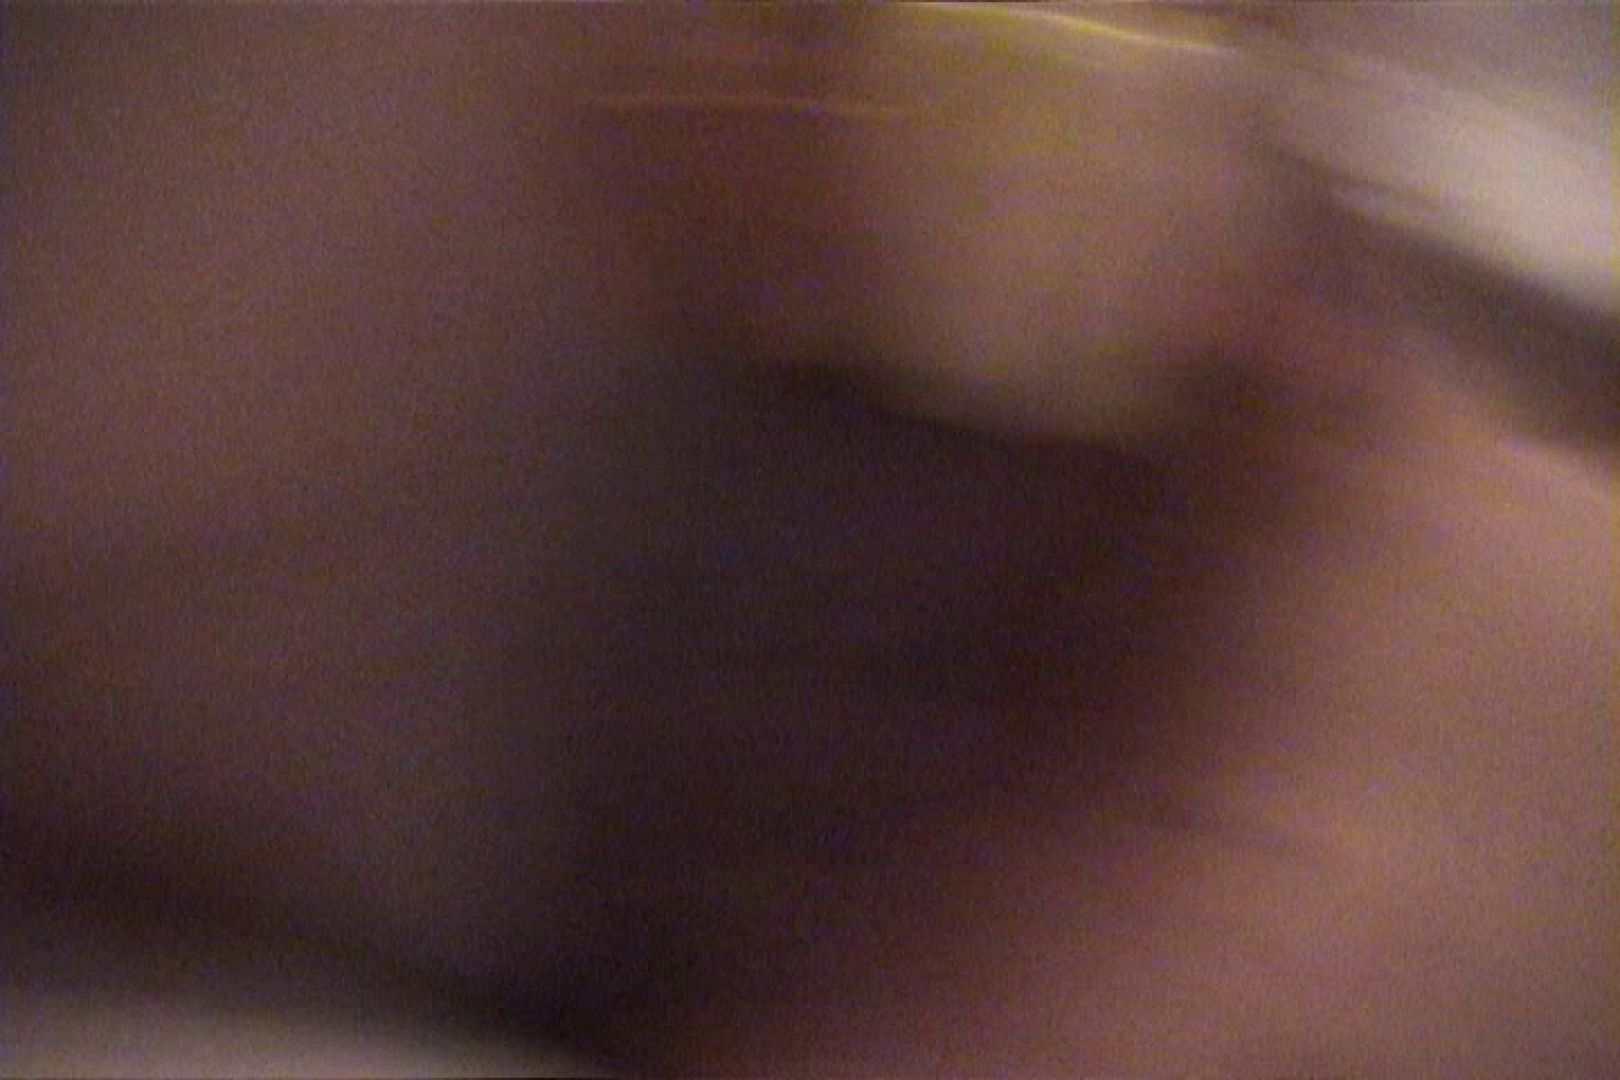 歯科衛生士バージンアラサー30歳まきVol.3 OLヌード天国  99PIX 12